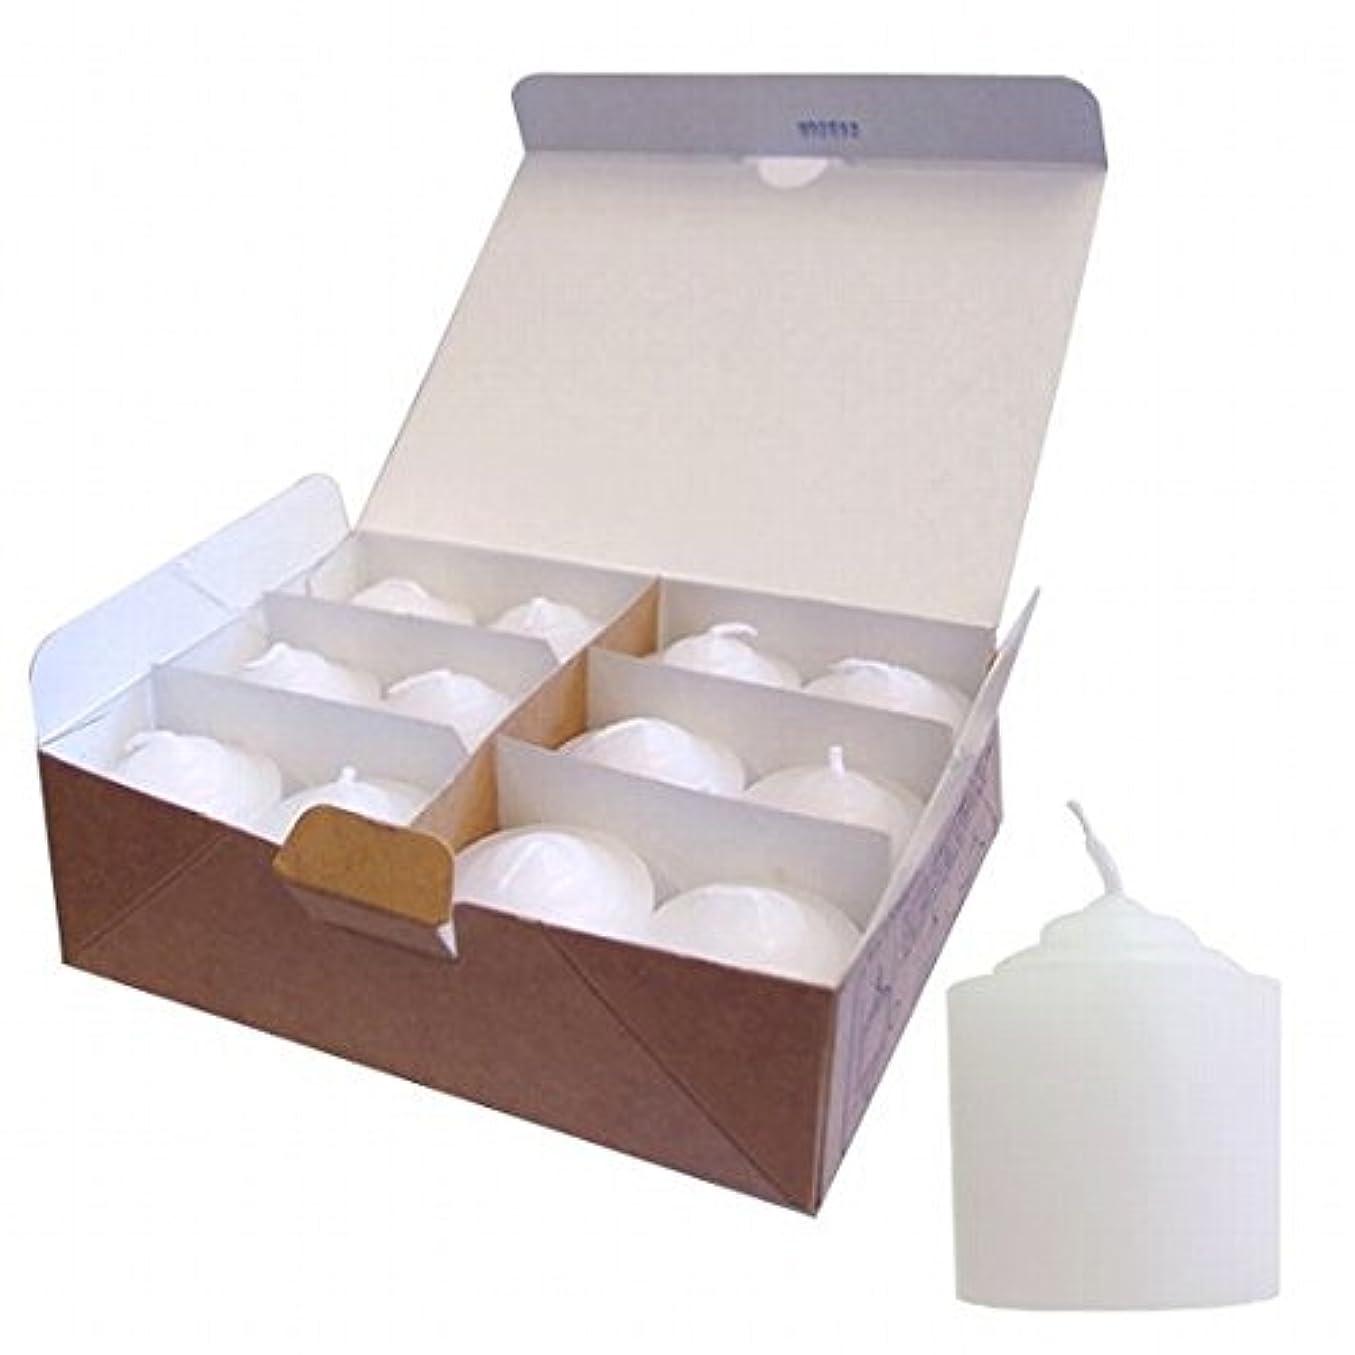 フリース巨人聡明カメヤマキャンドル( kameyama candle ) 8Hライト(8時間タイプ)12個入り